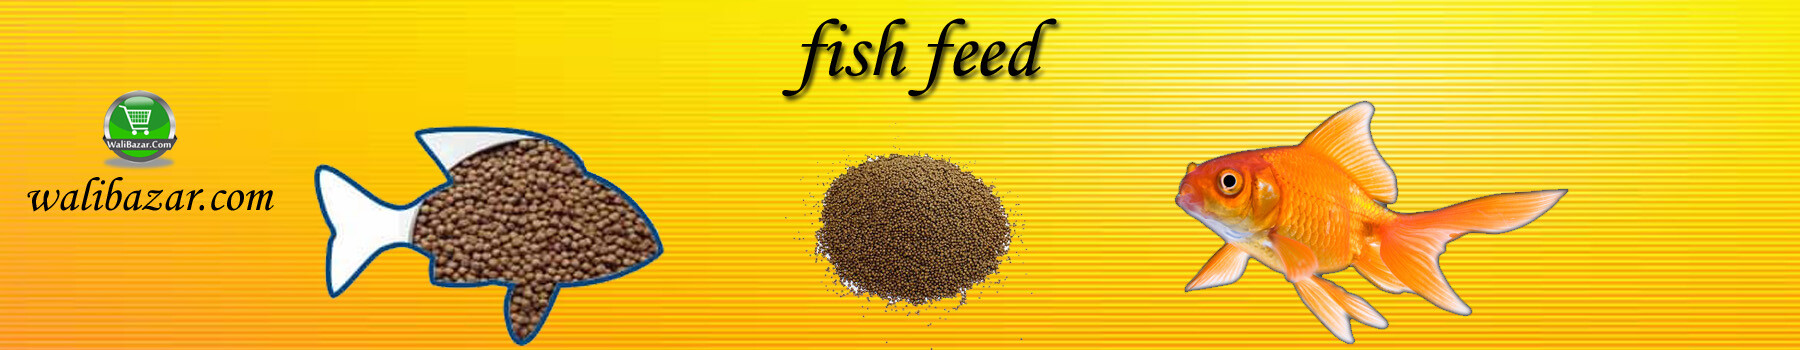 Fish feed of Bangladesh